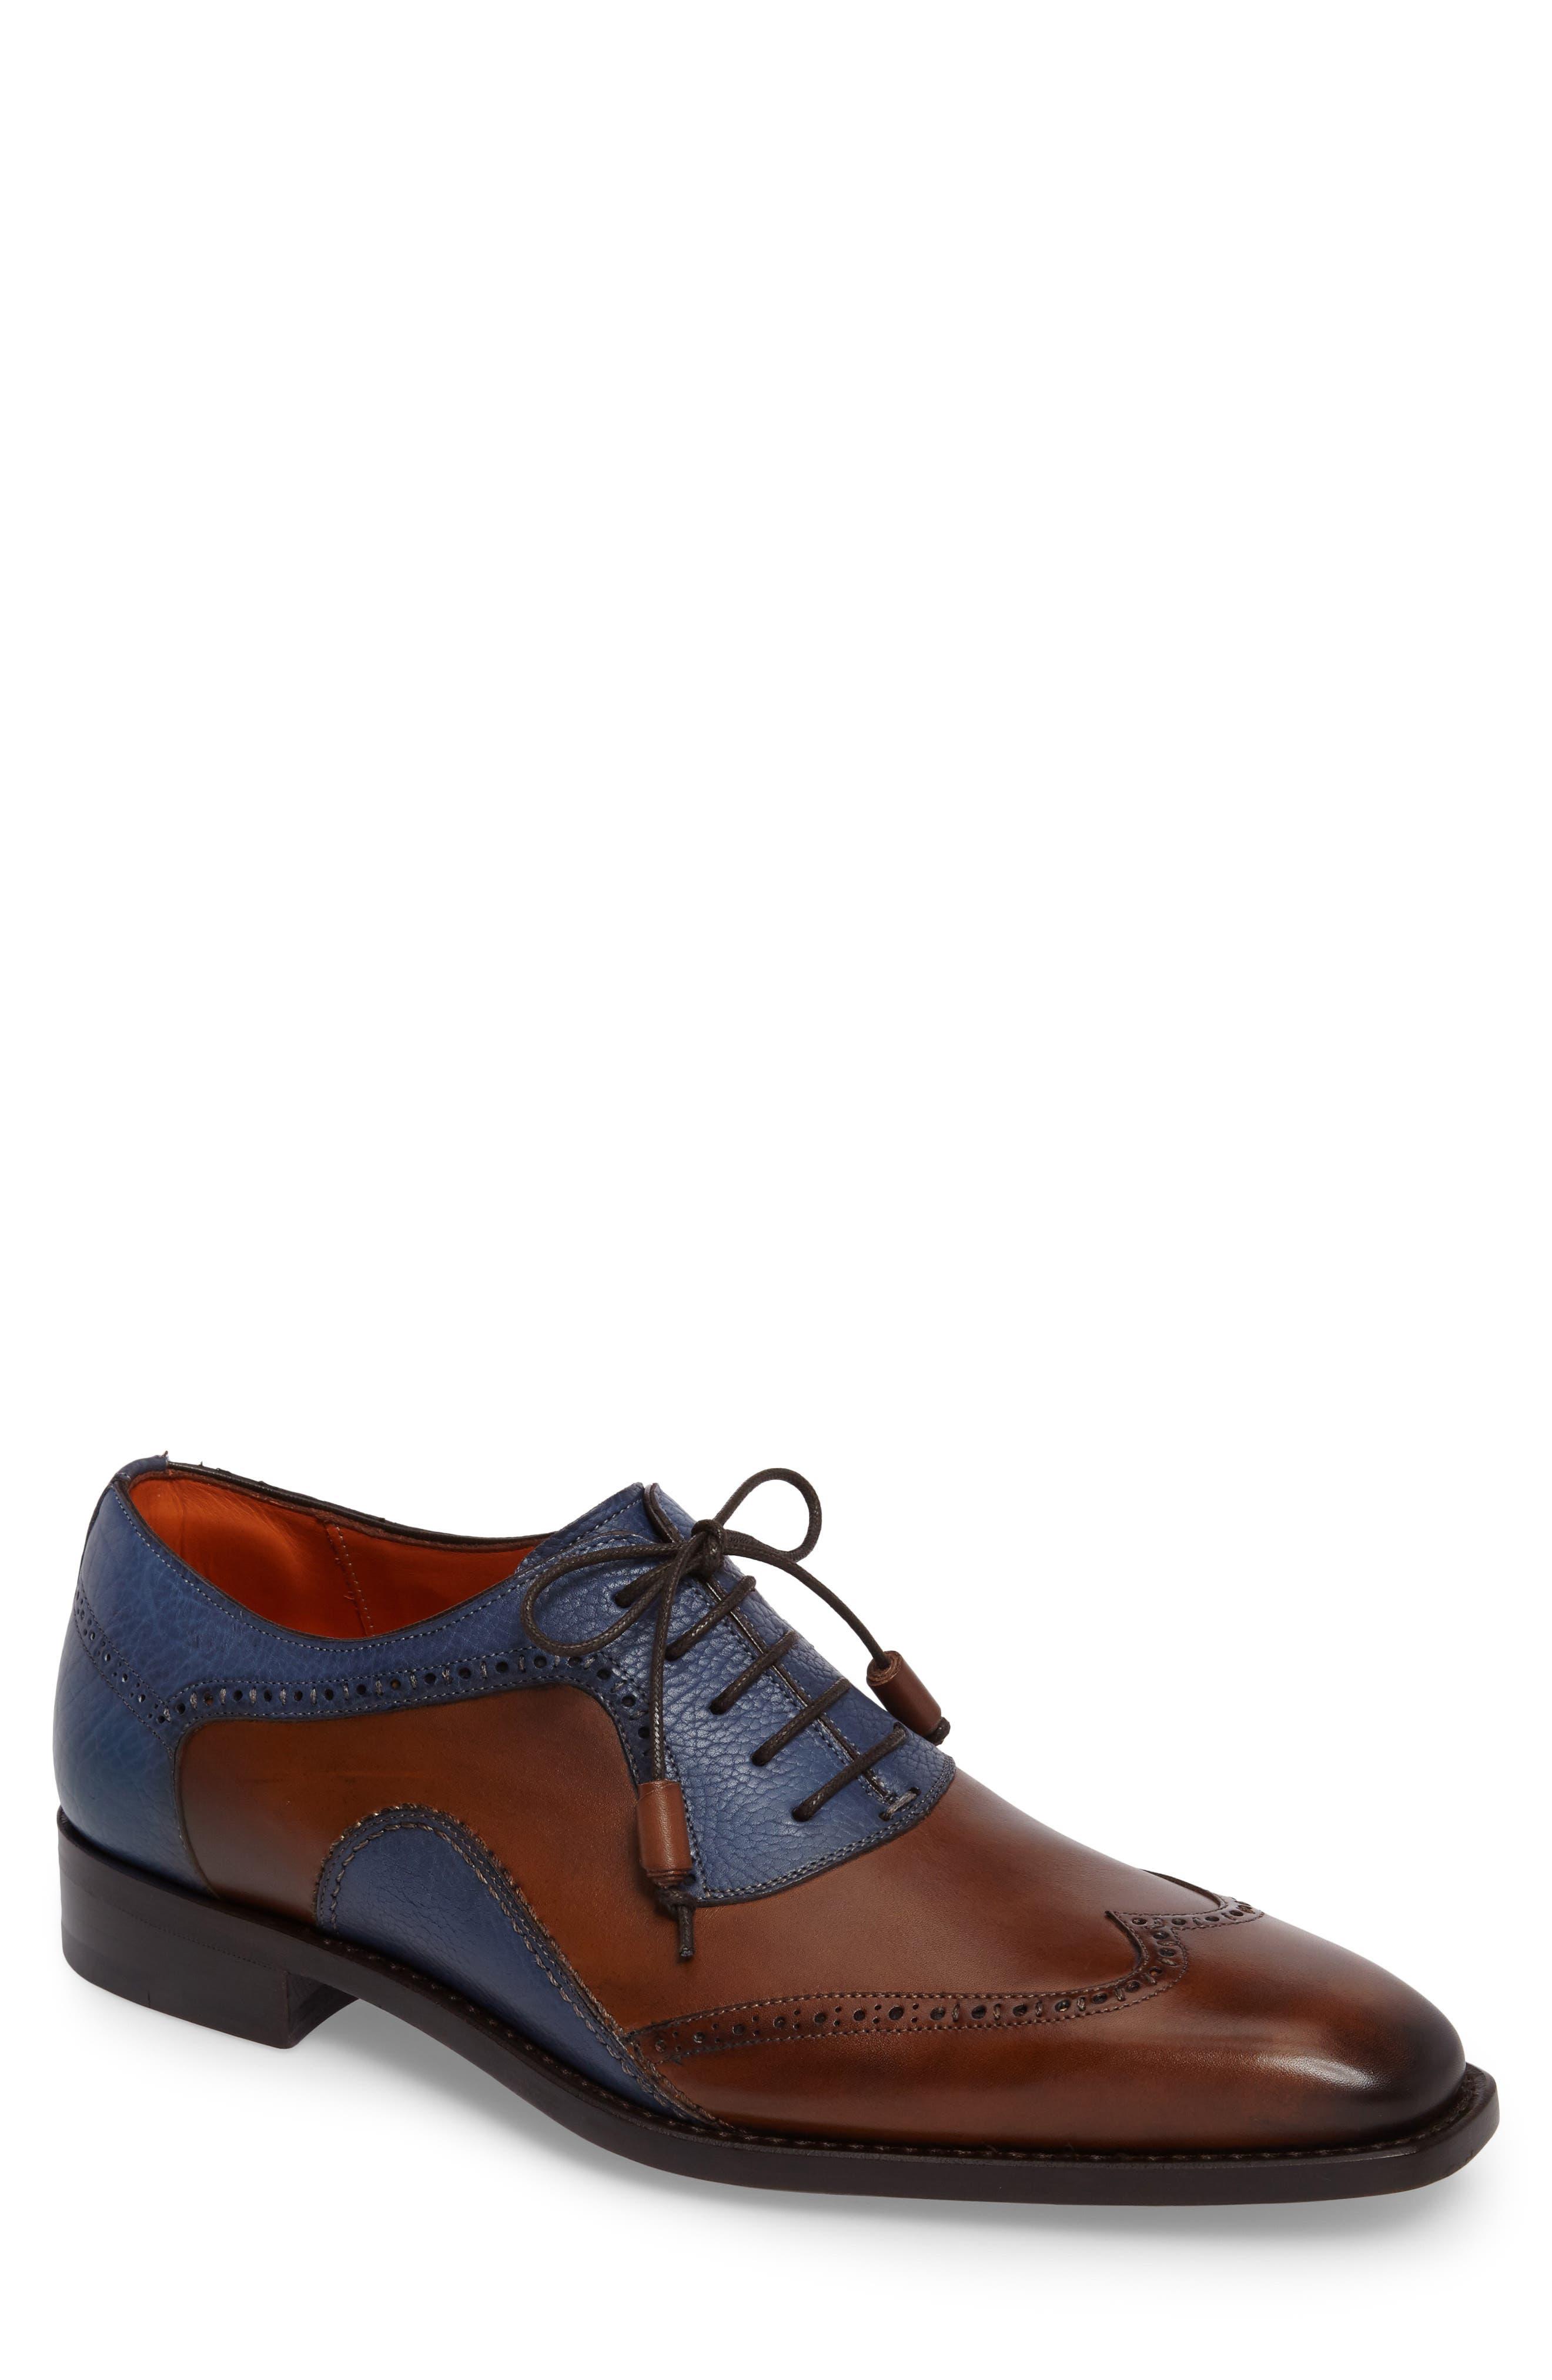 Conil Wingtip,                         Main,                         color, Cognac/ Blue Leather